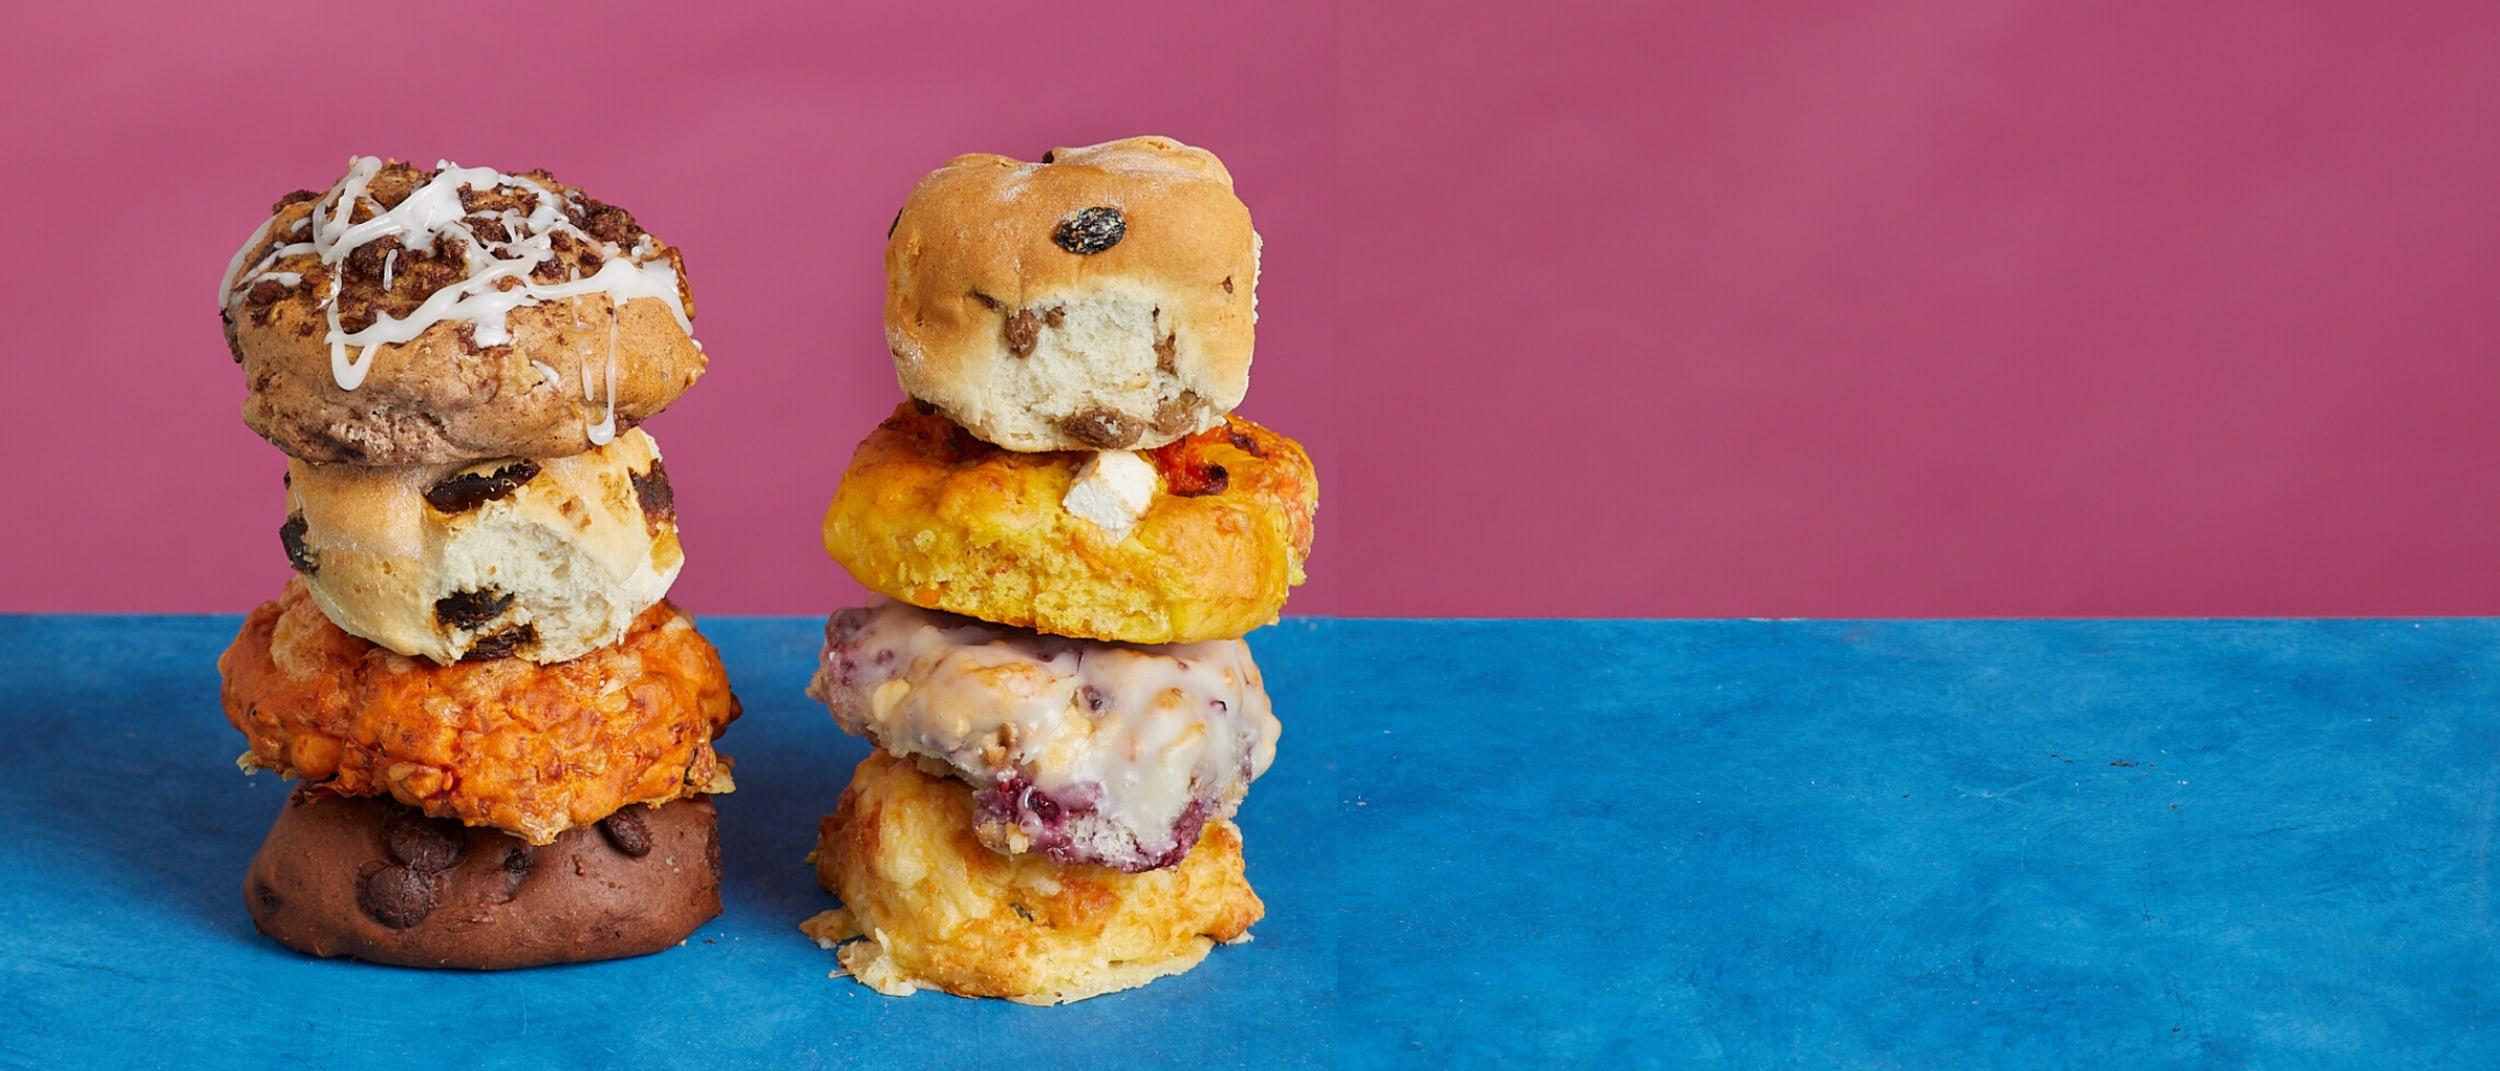 Muffin Break: Fancy Scones